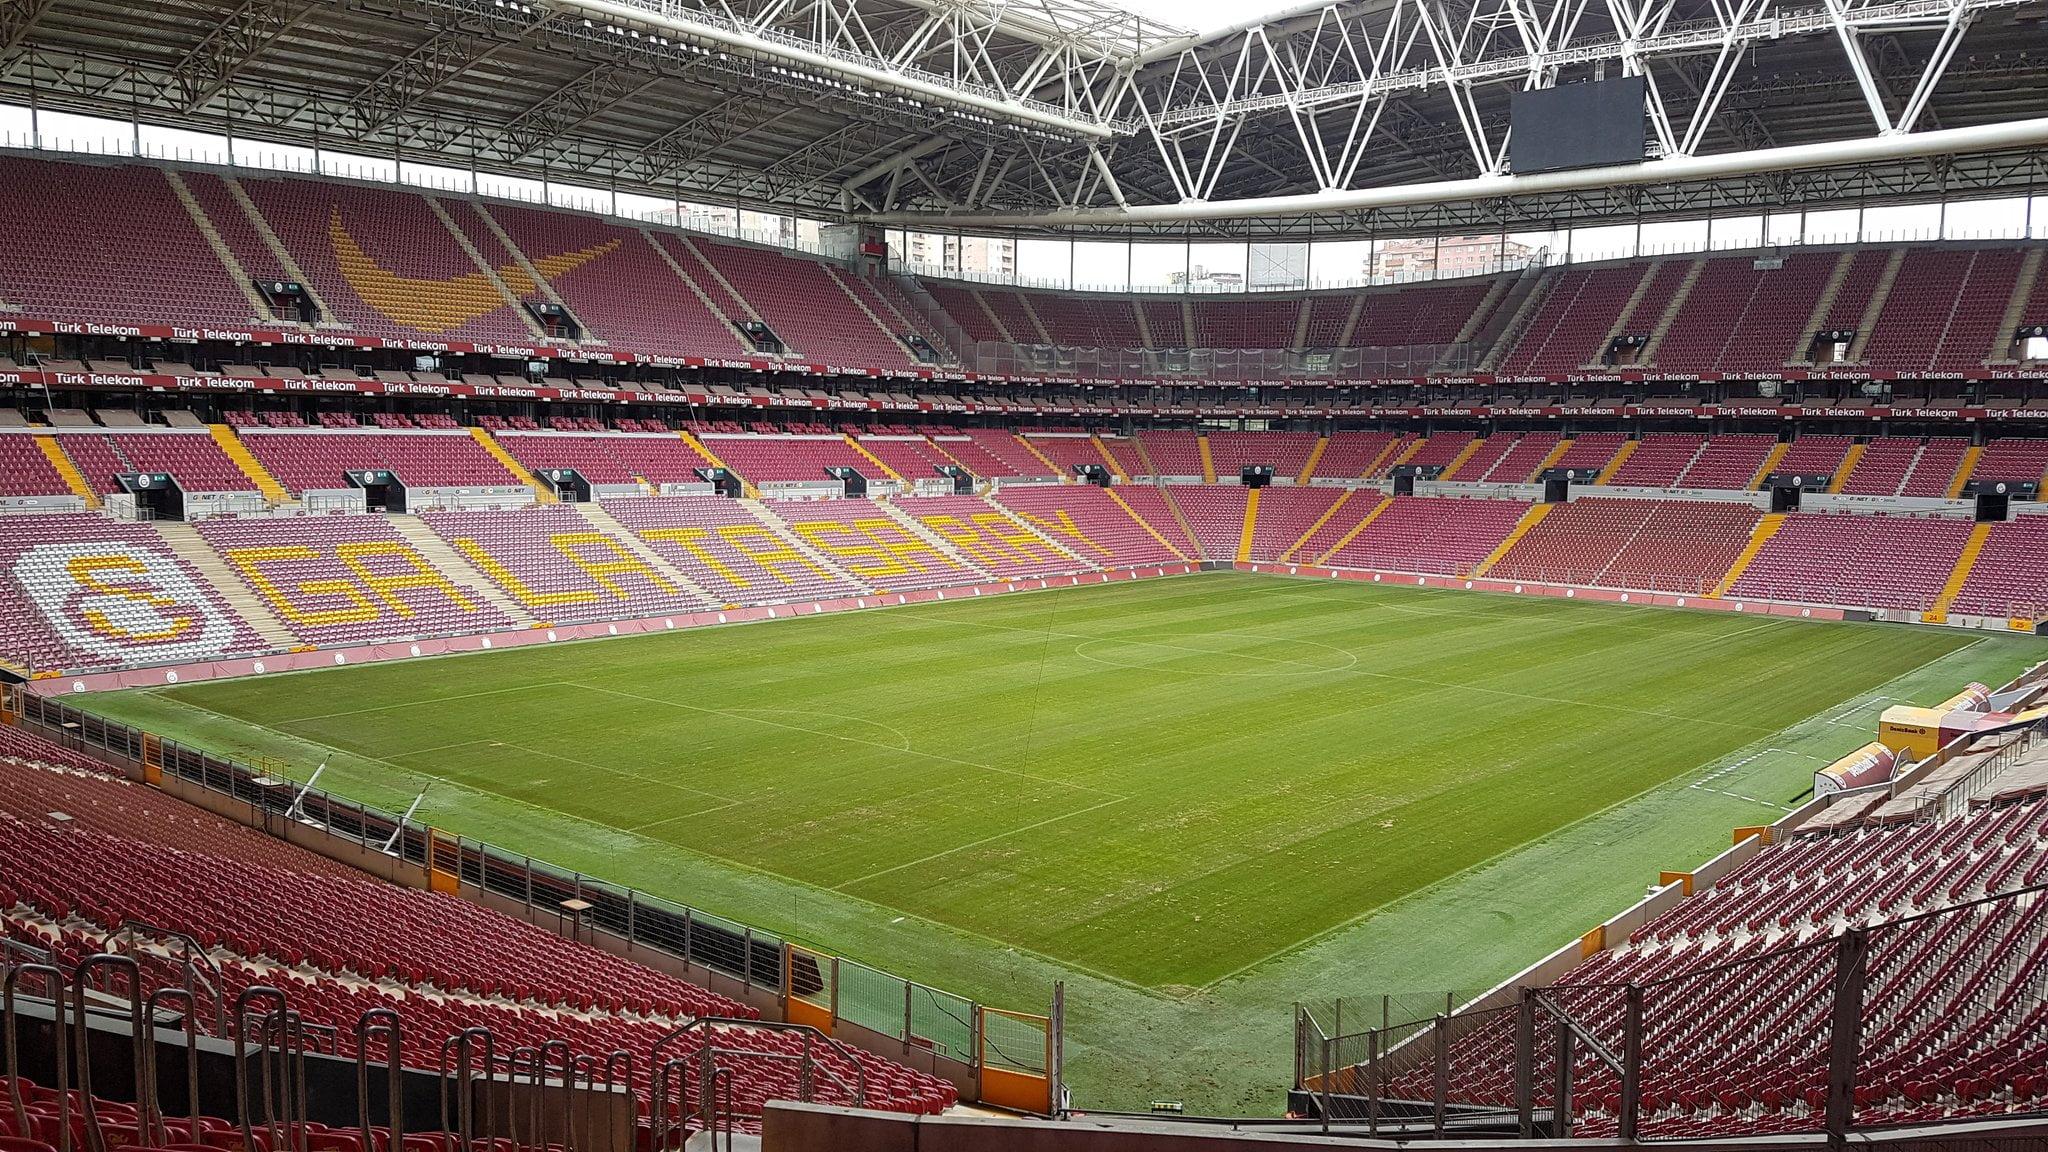 Game to watch: Het stadion als er geen toeschouwers zijn